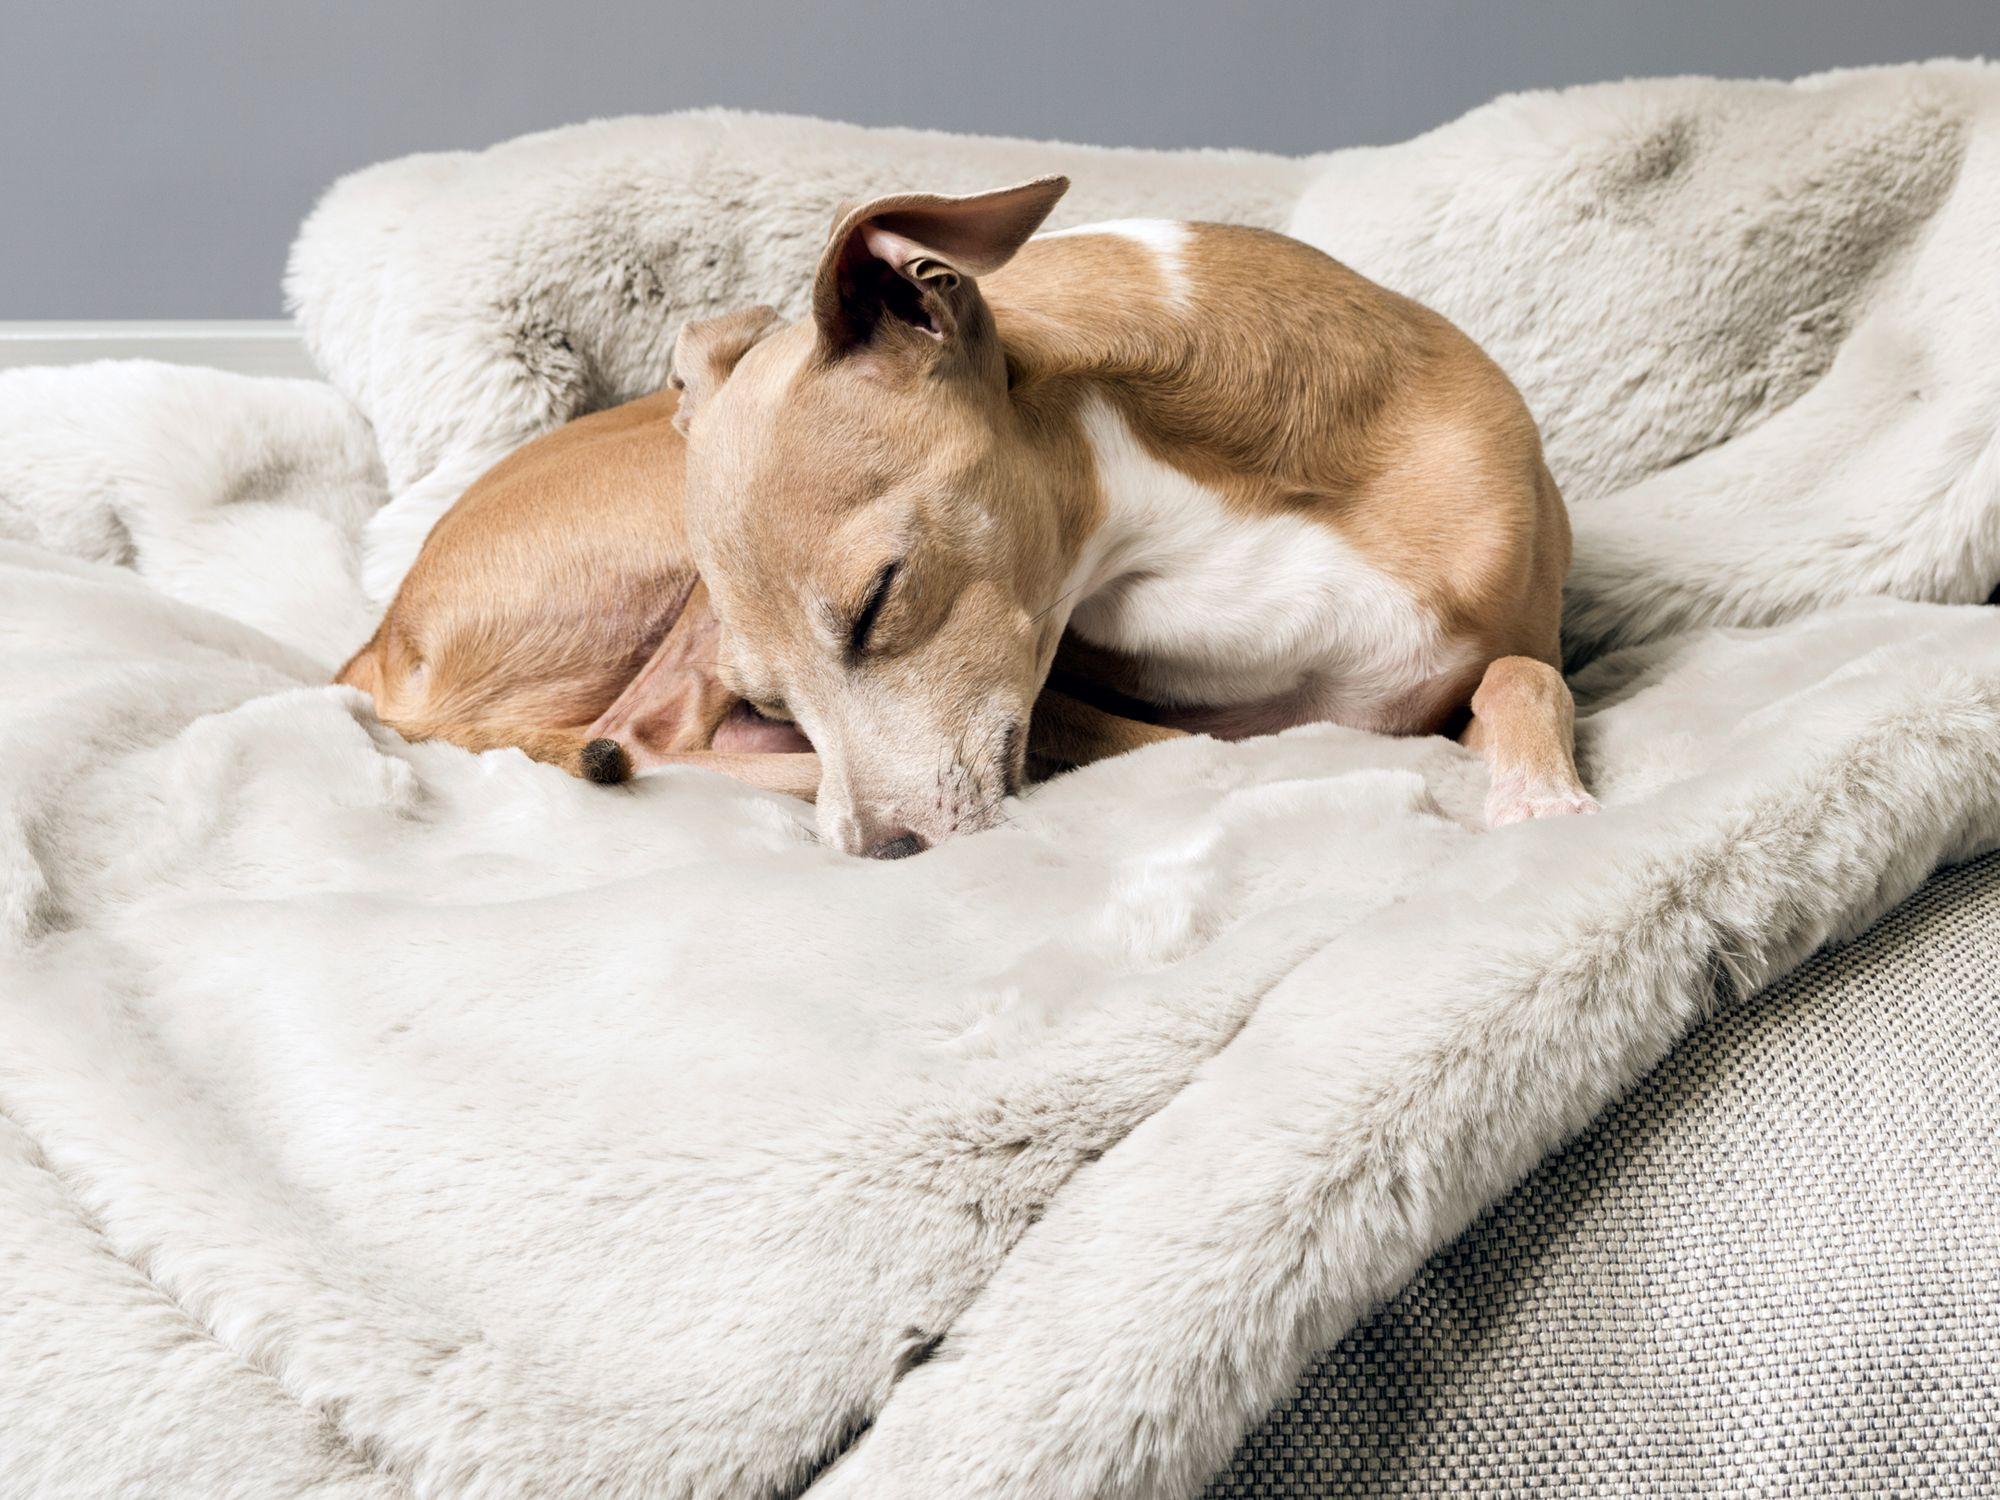 Charley Chau faux-fur dog blanket, available from charleychau.com